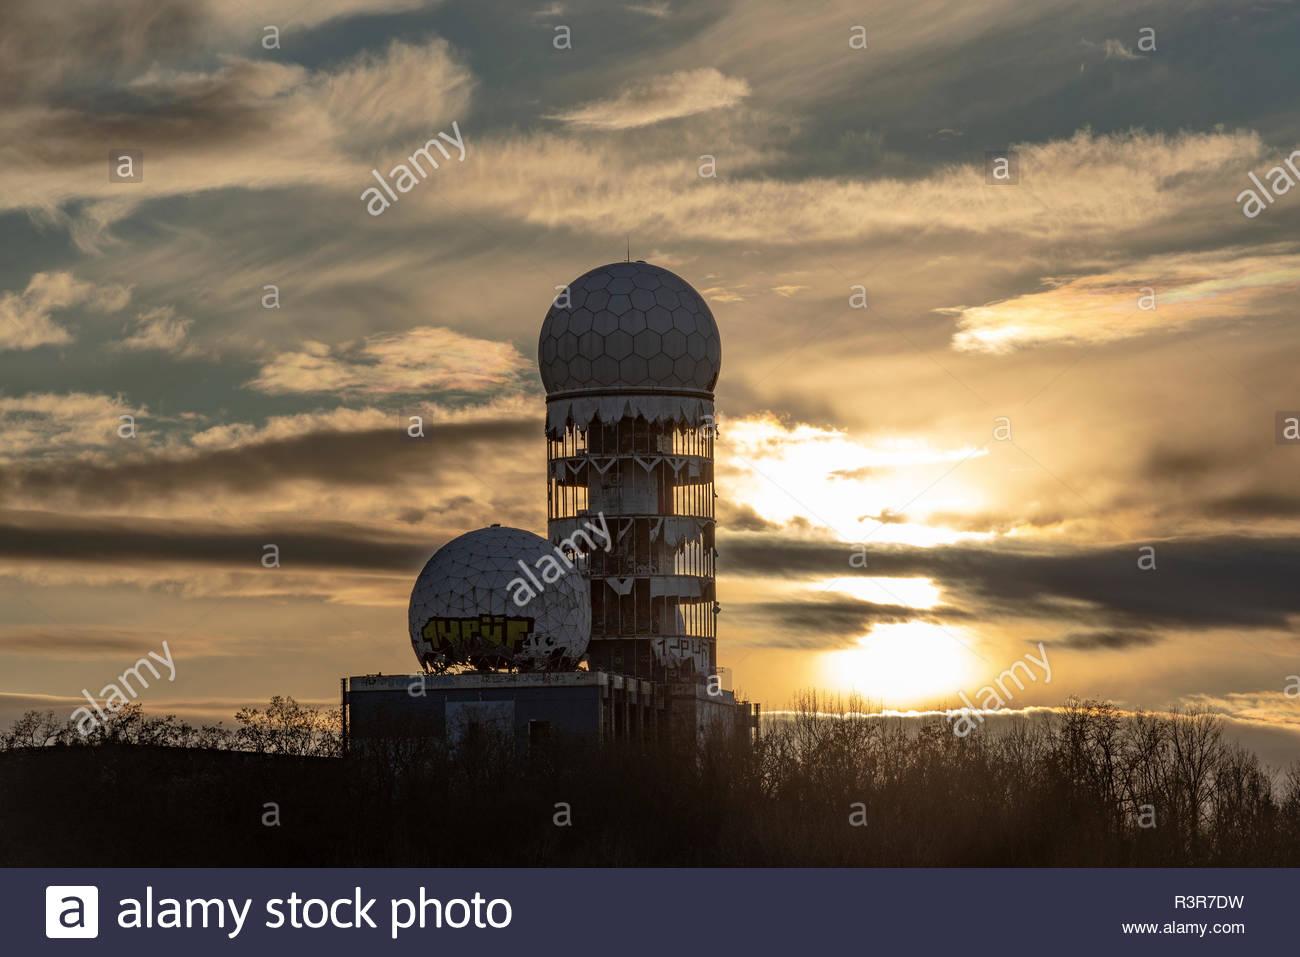 Sonnenuntergang auf dem Teufelsberg. Radaranlage am Abend - Stock Image